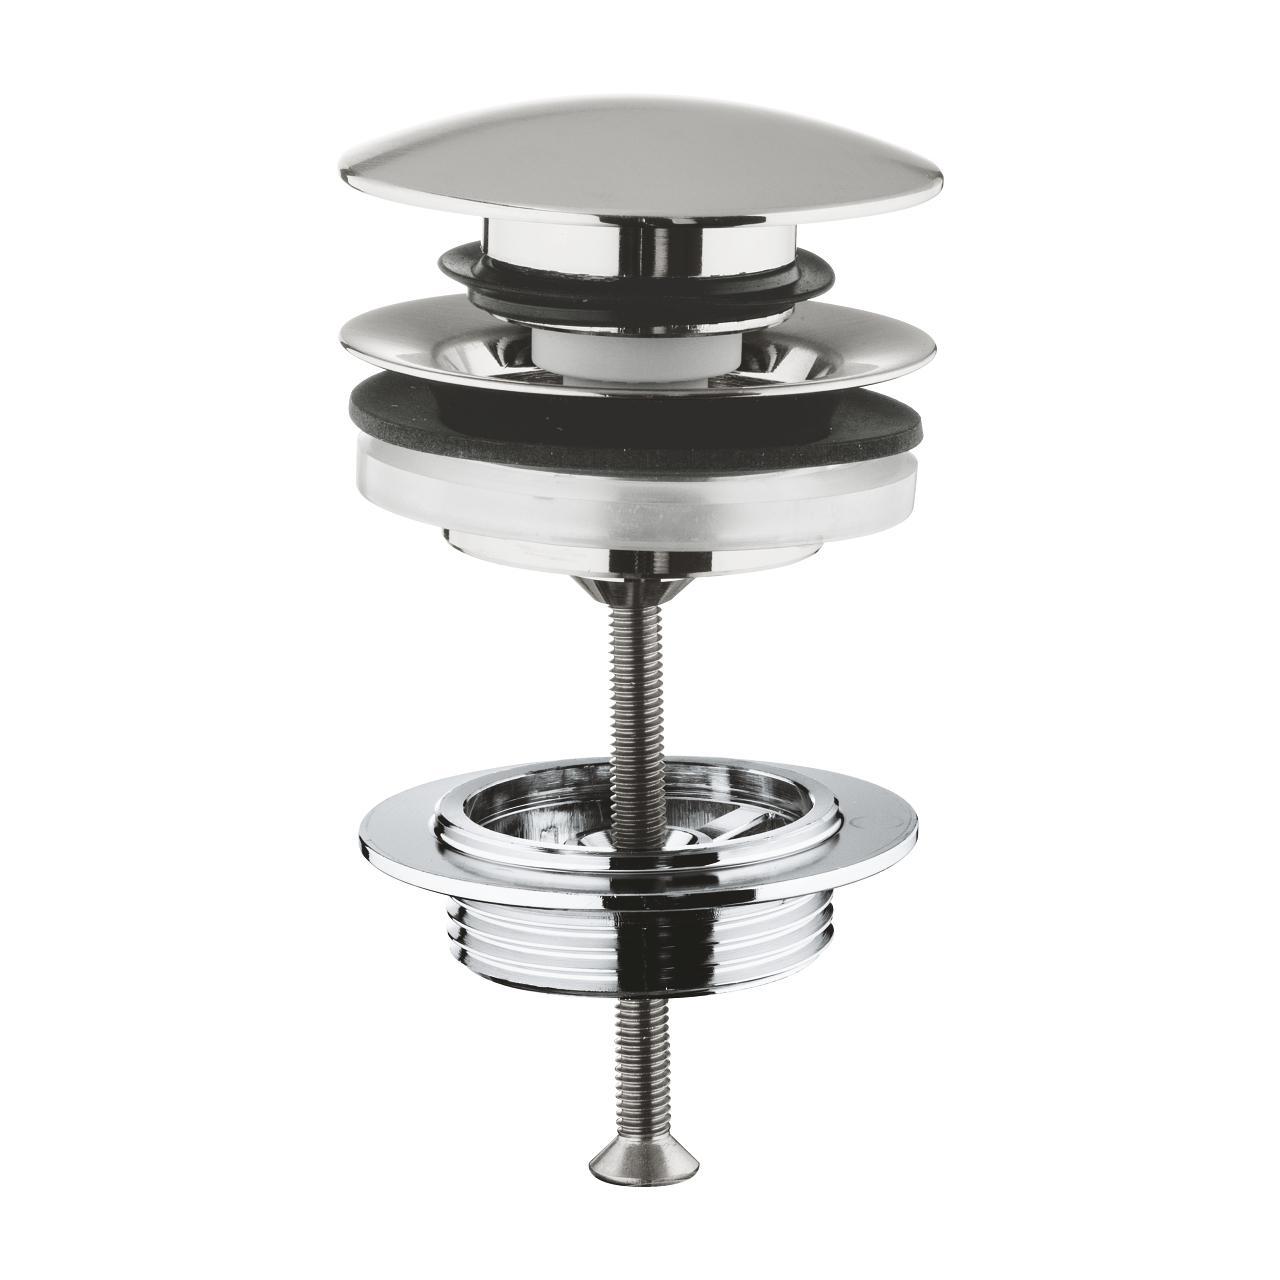 Донный клапан Grohe 65807dc0 донный клапан для смесителей для раковины биде grohe белый 28910l00